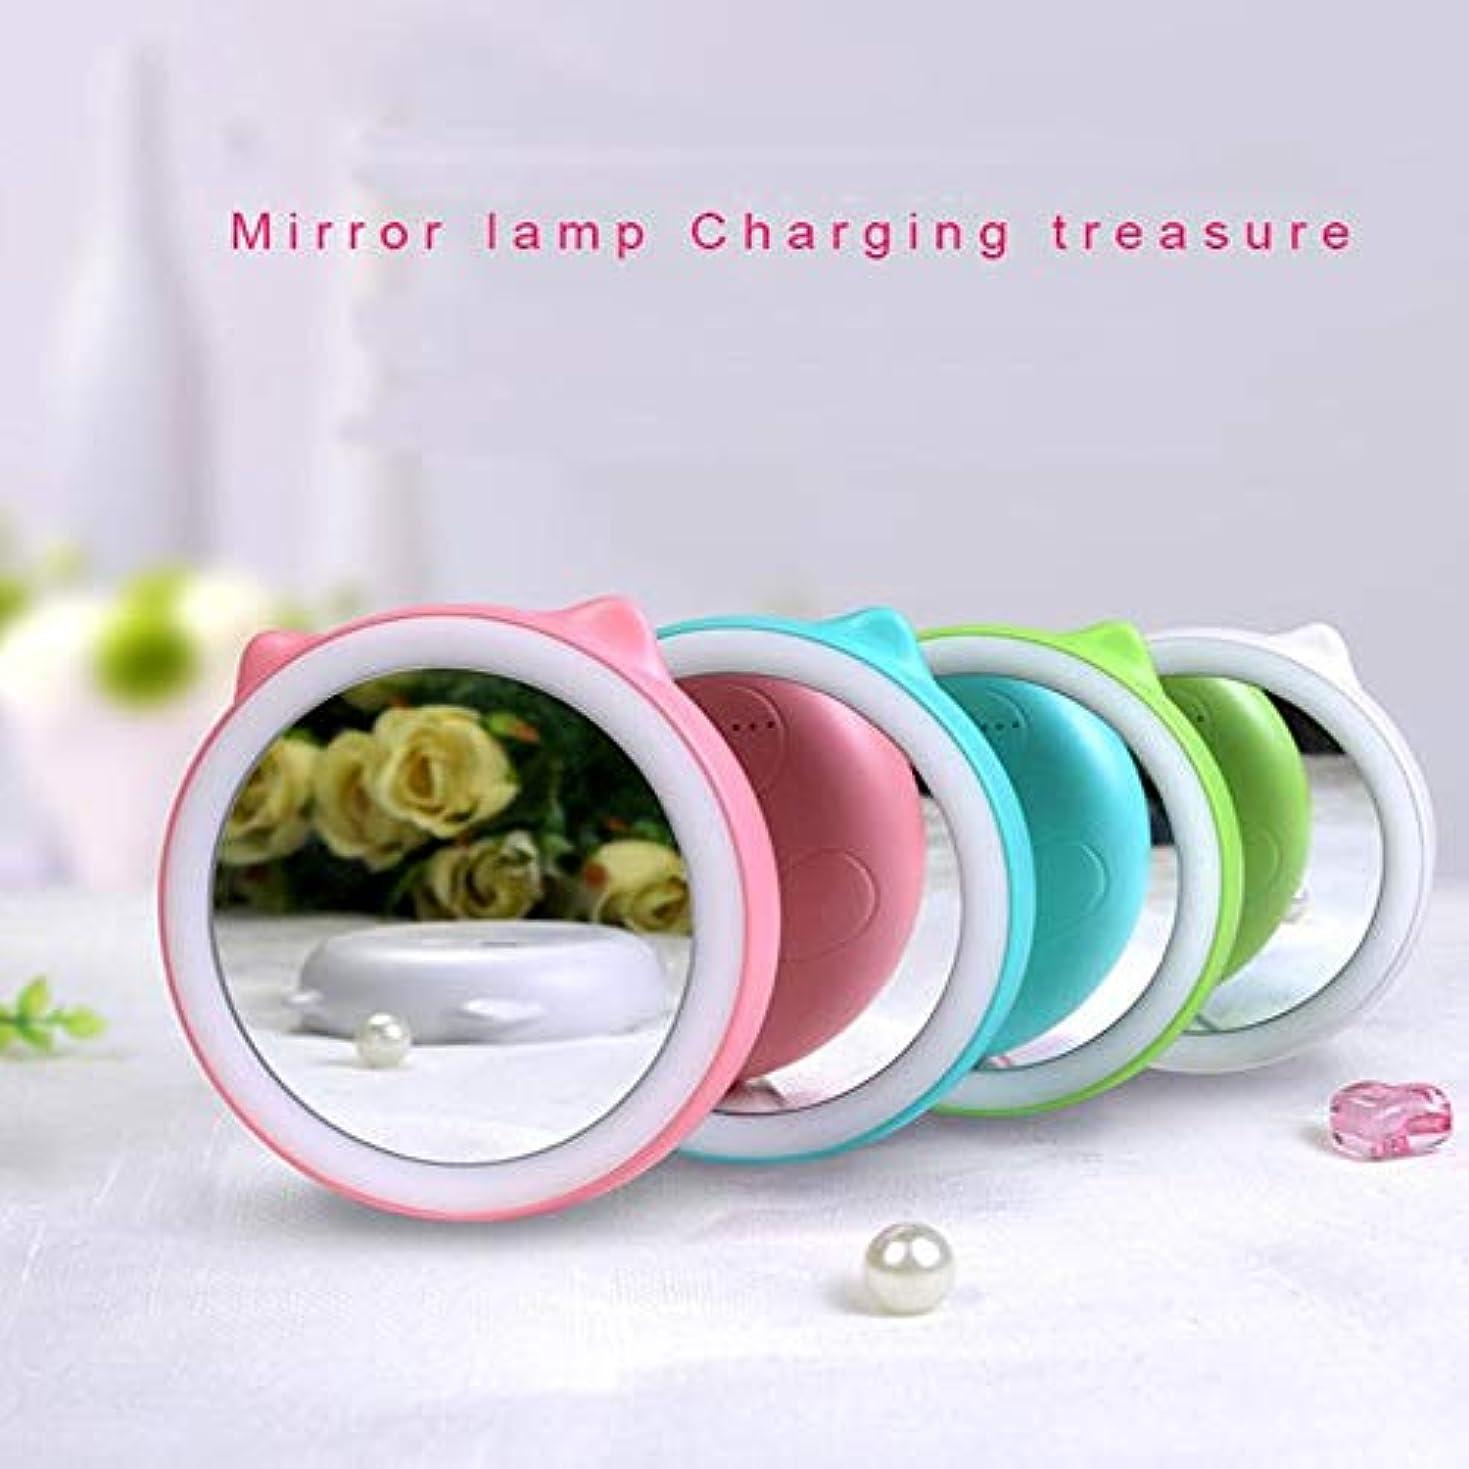 権威予算より流行の ポータブルLED化粧鏡充電宝物充填光鏡多機能タイミングデザイン美容鏡化粧鏡4ブルーグリーンピンクホワイト直径9センチ厚さ2センチ (色 : Pink)